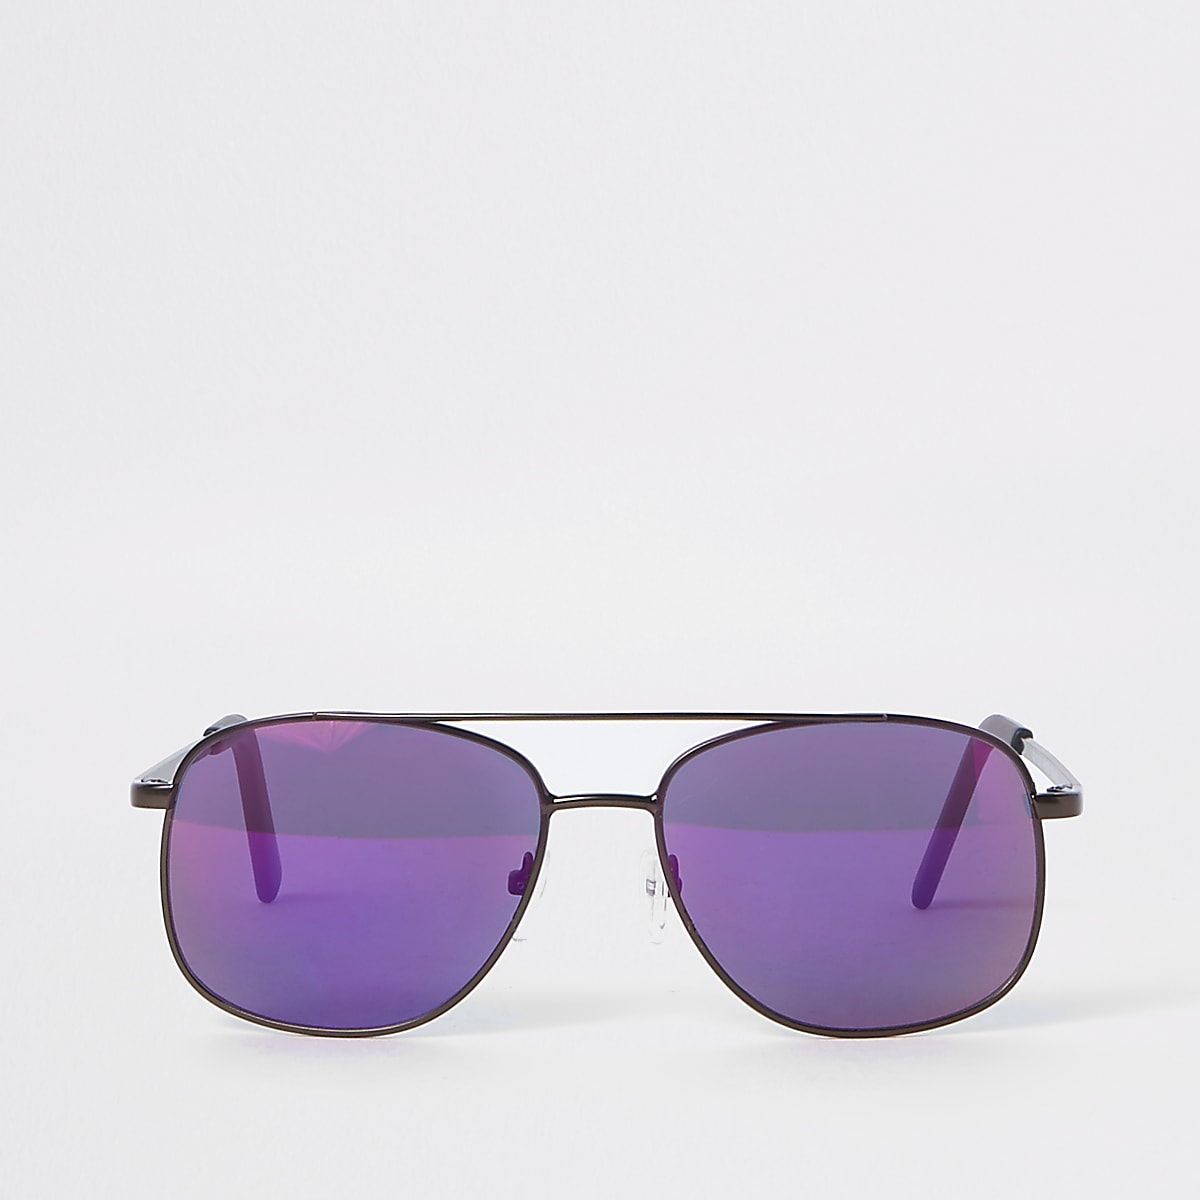 Bruine zonnebril voor jongens